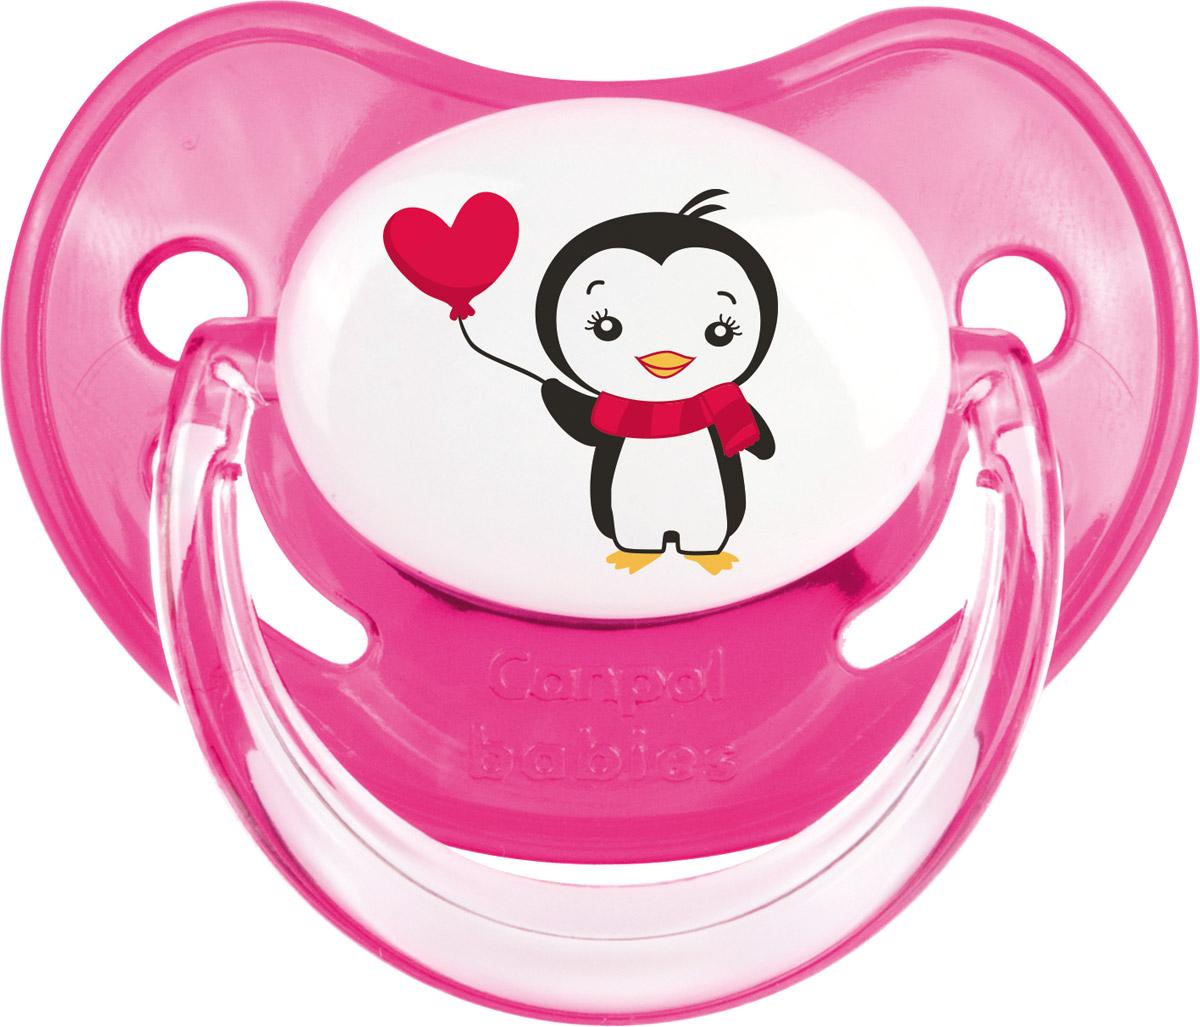 Canpol Babies Пустышка силиконовая ортодонтическая Penguins от 18 месяцев цвет розовый